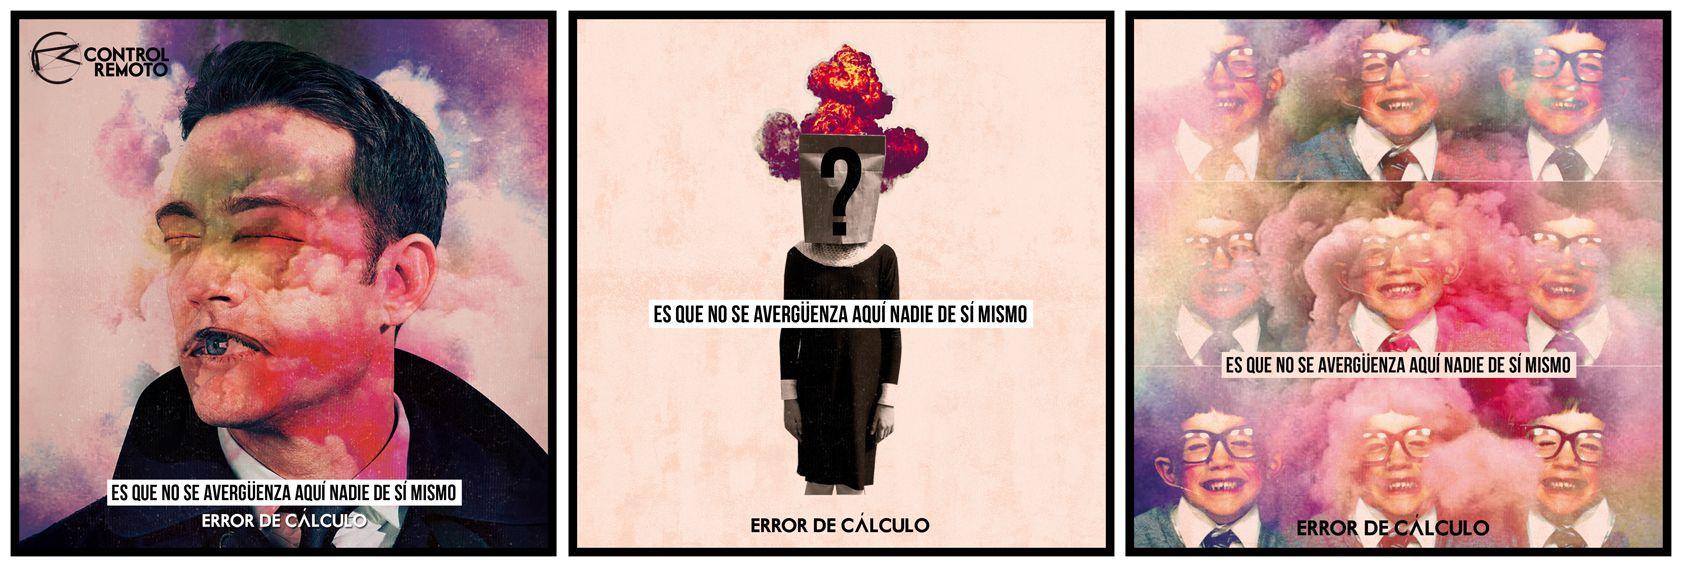 """3 opciones de portada para single """"Error de cálculo"""" CONTROL REMOTO"""